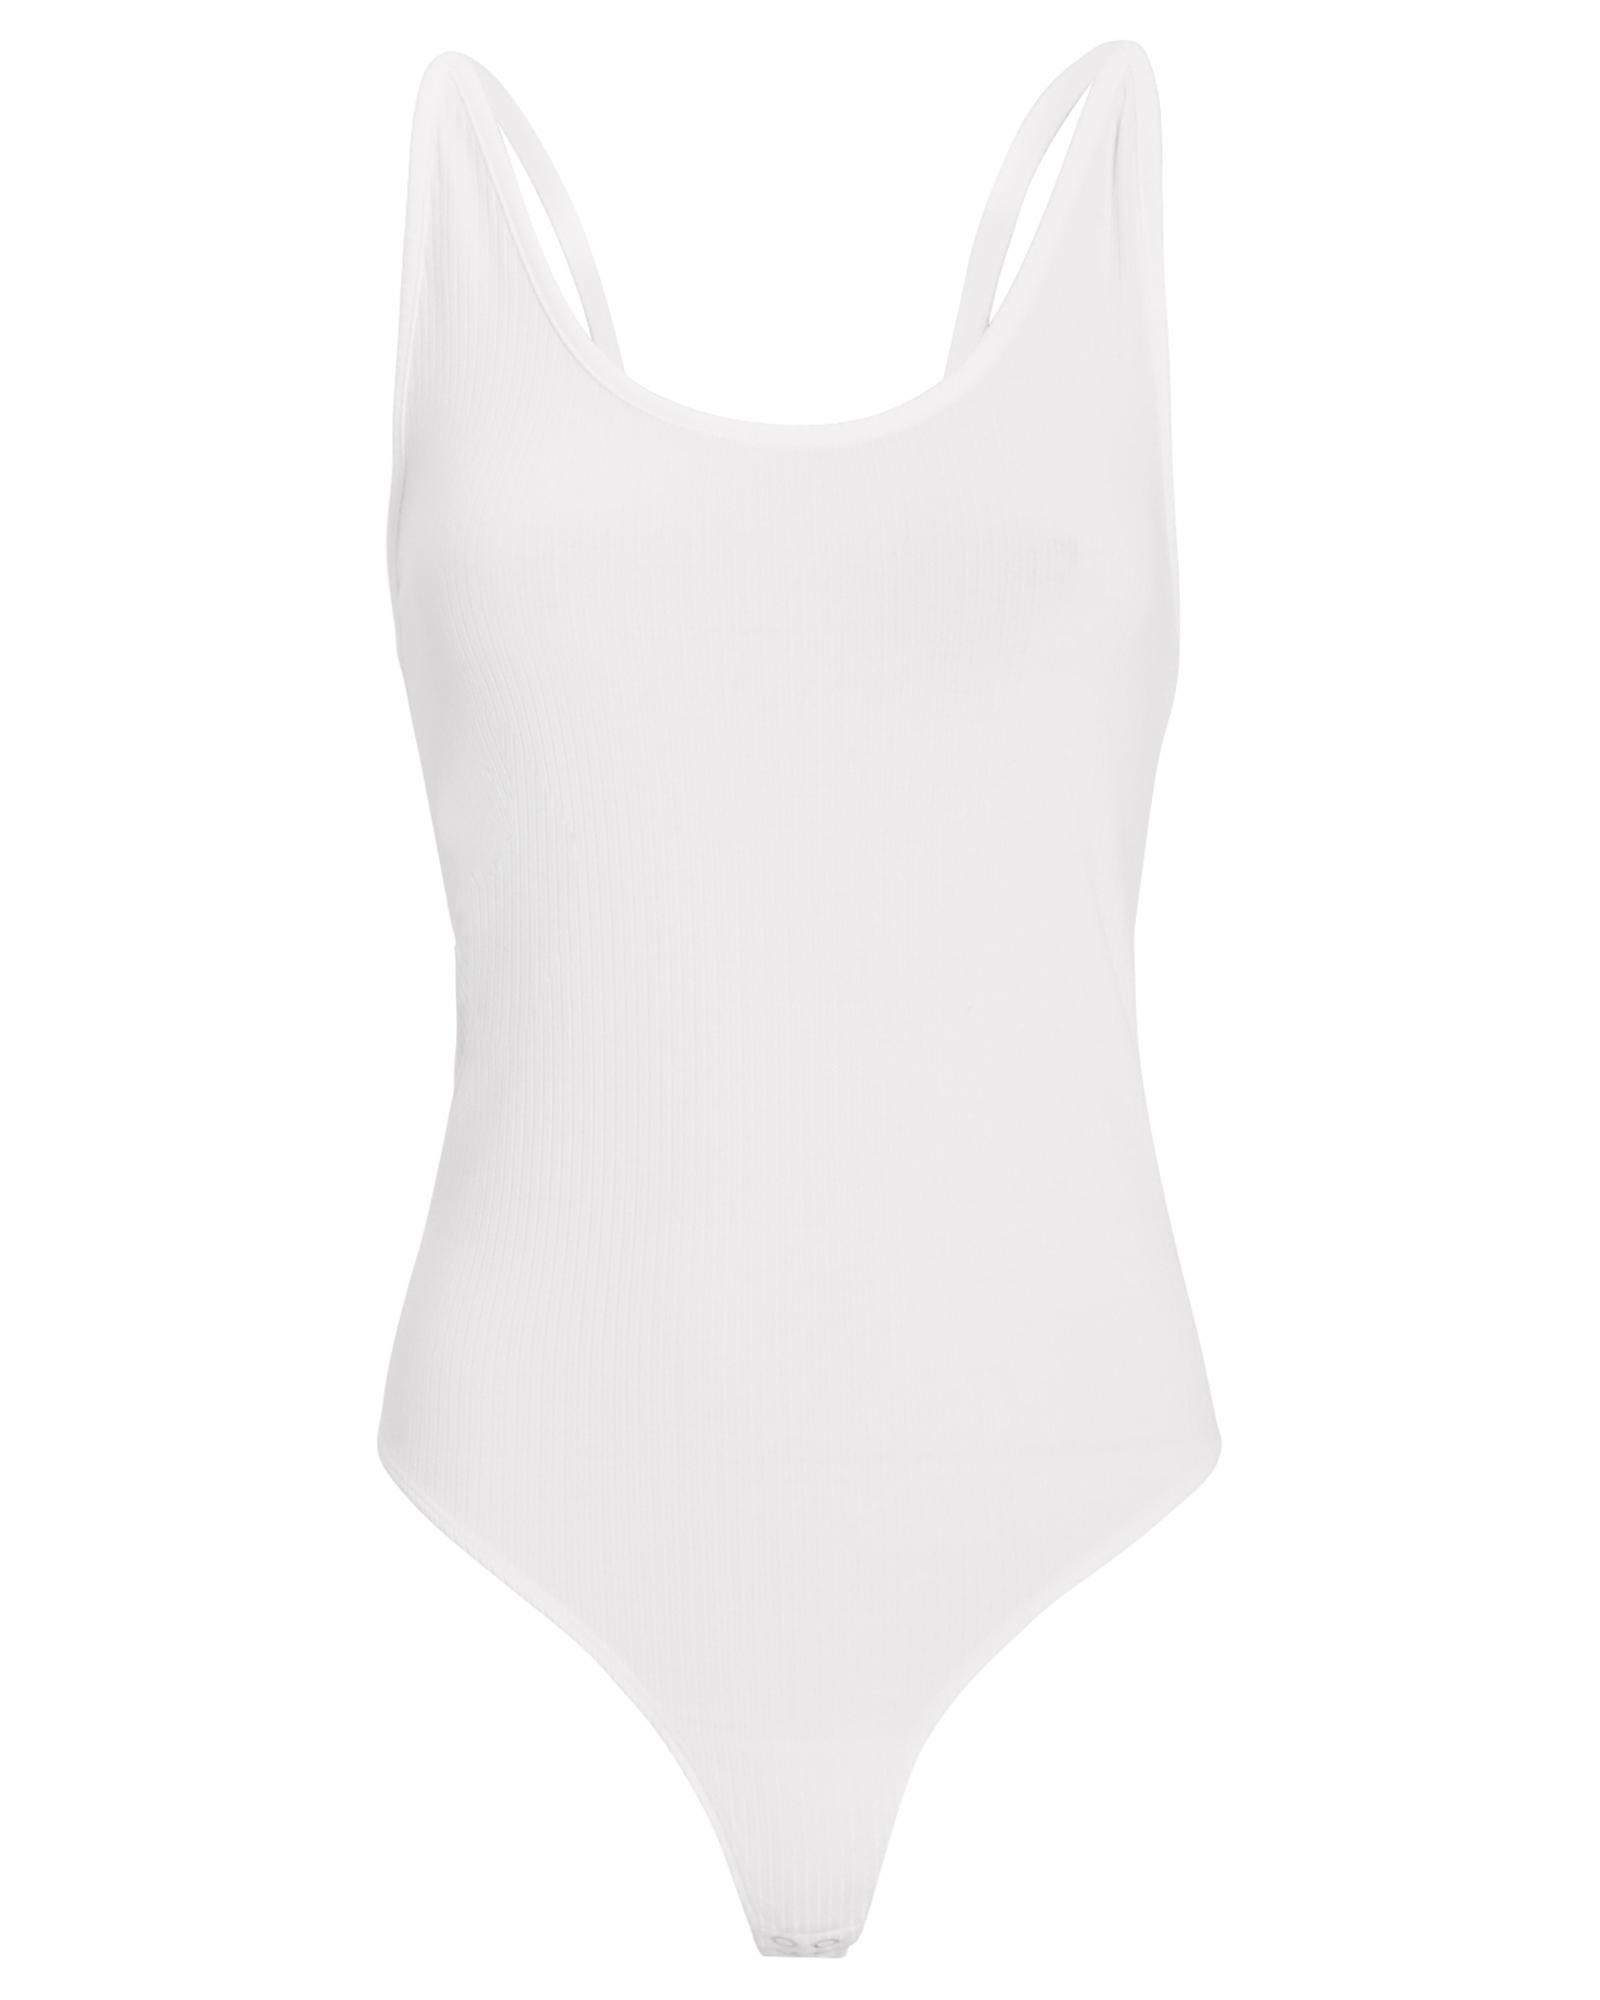 Eliana Low Back Bodysuit by Fifth & Mode